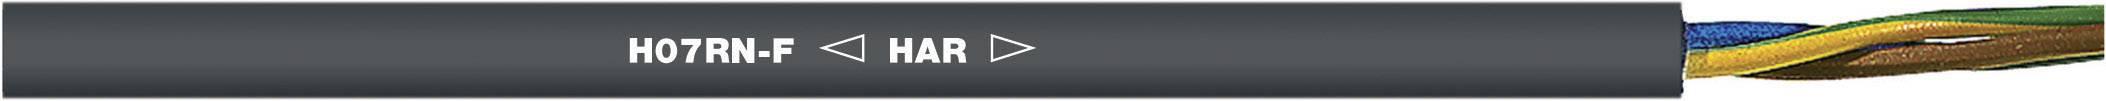 Připojovací kabel H07RN-F 4 G 2.50 mm² černá LappKabel 16001053 metrové zboží